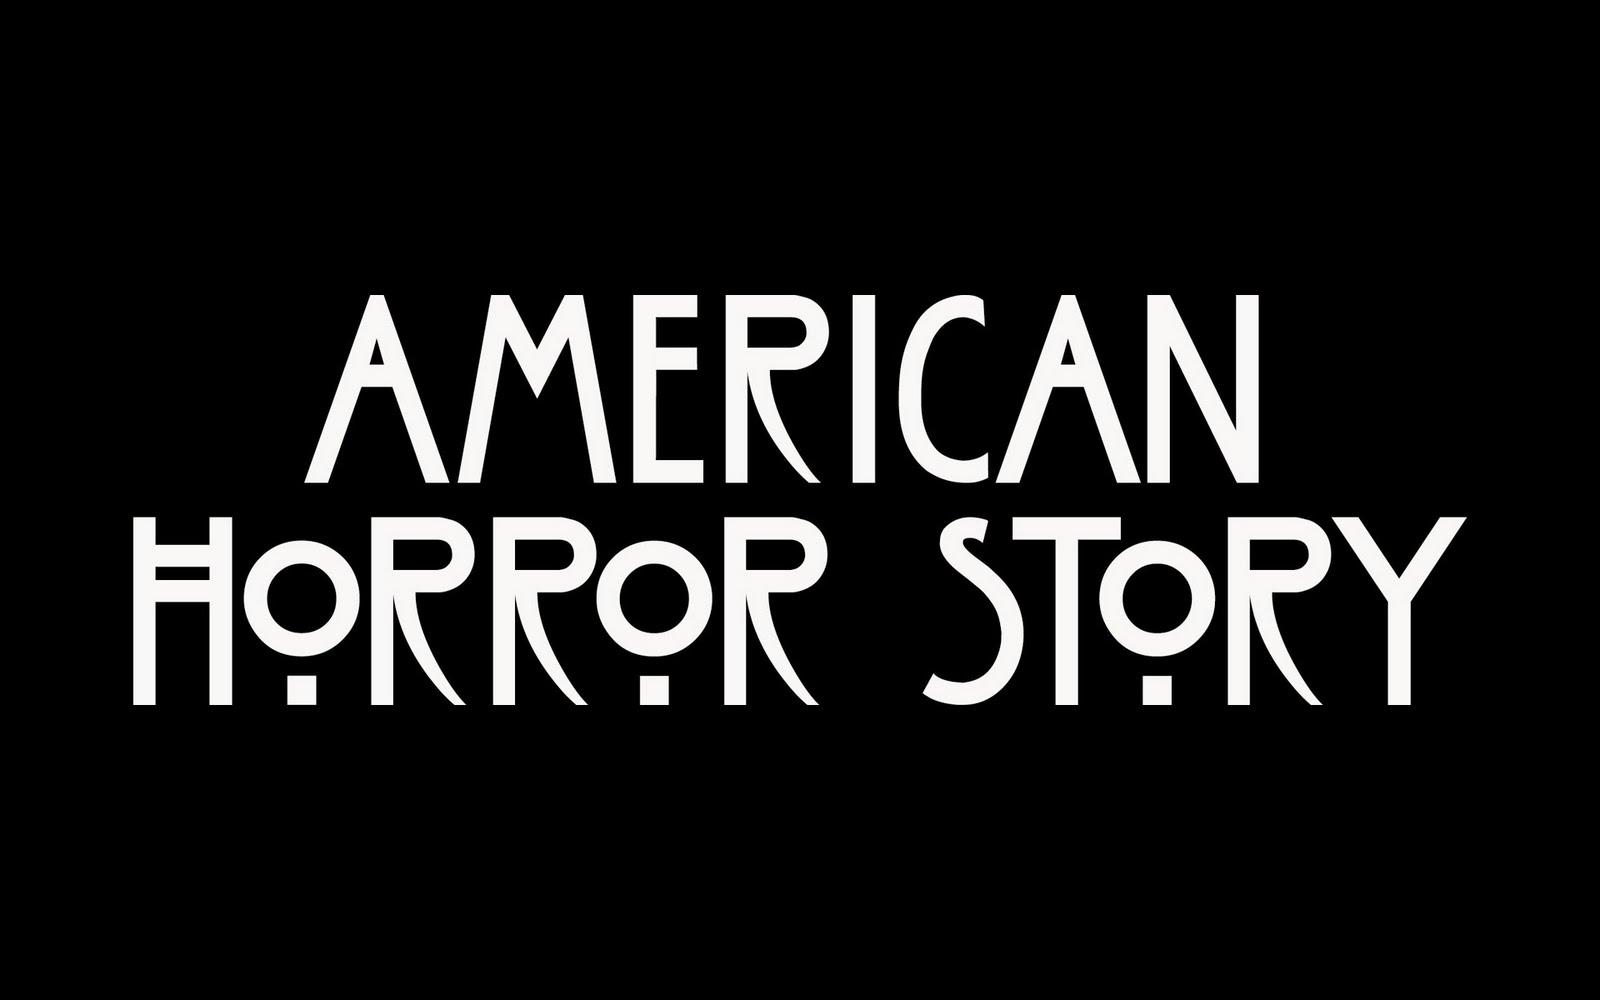 American Horror Story  Ne Zamandı?